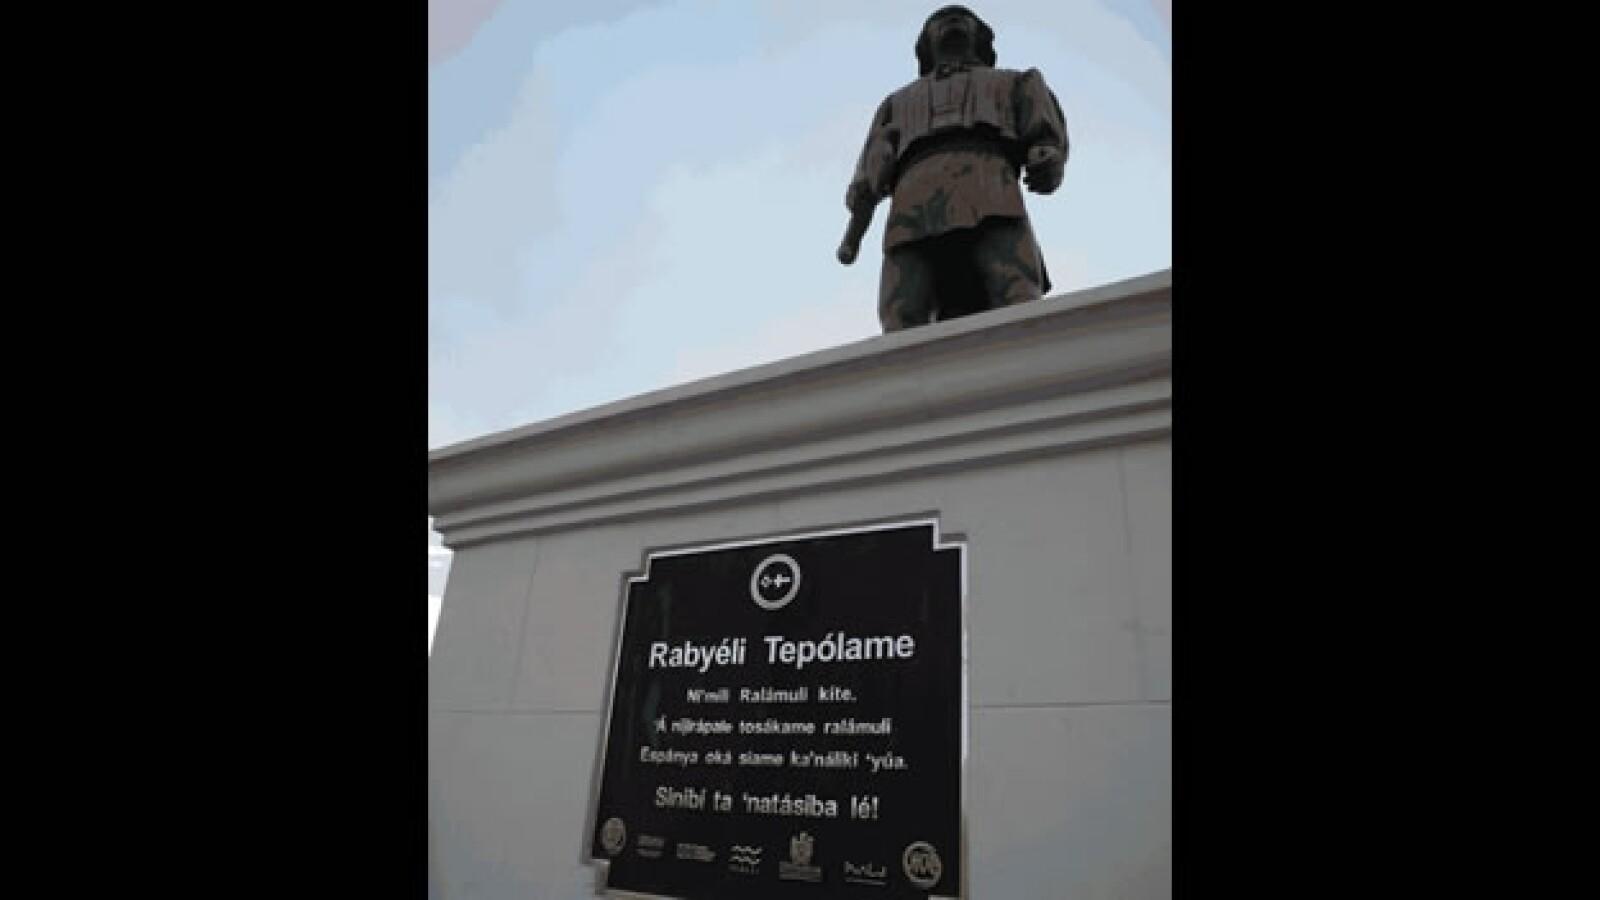 monumento a gabriel teporame